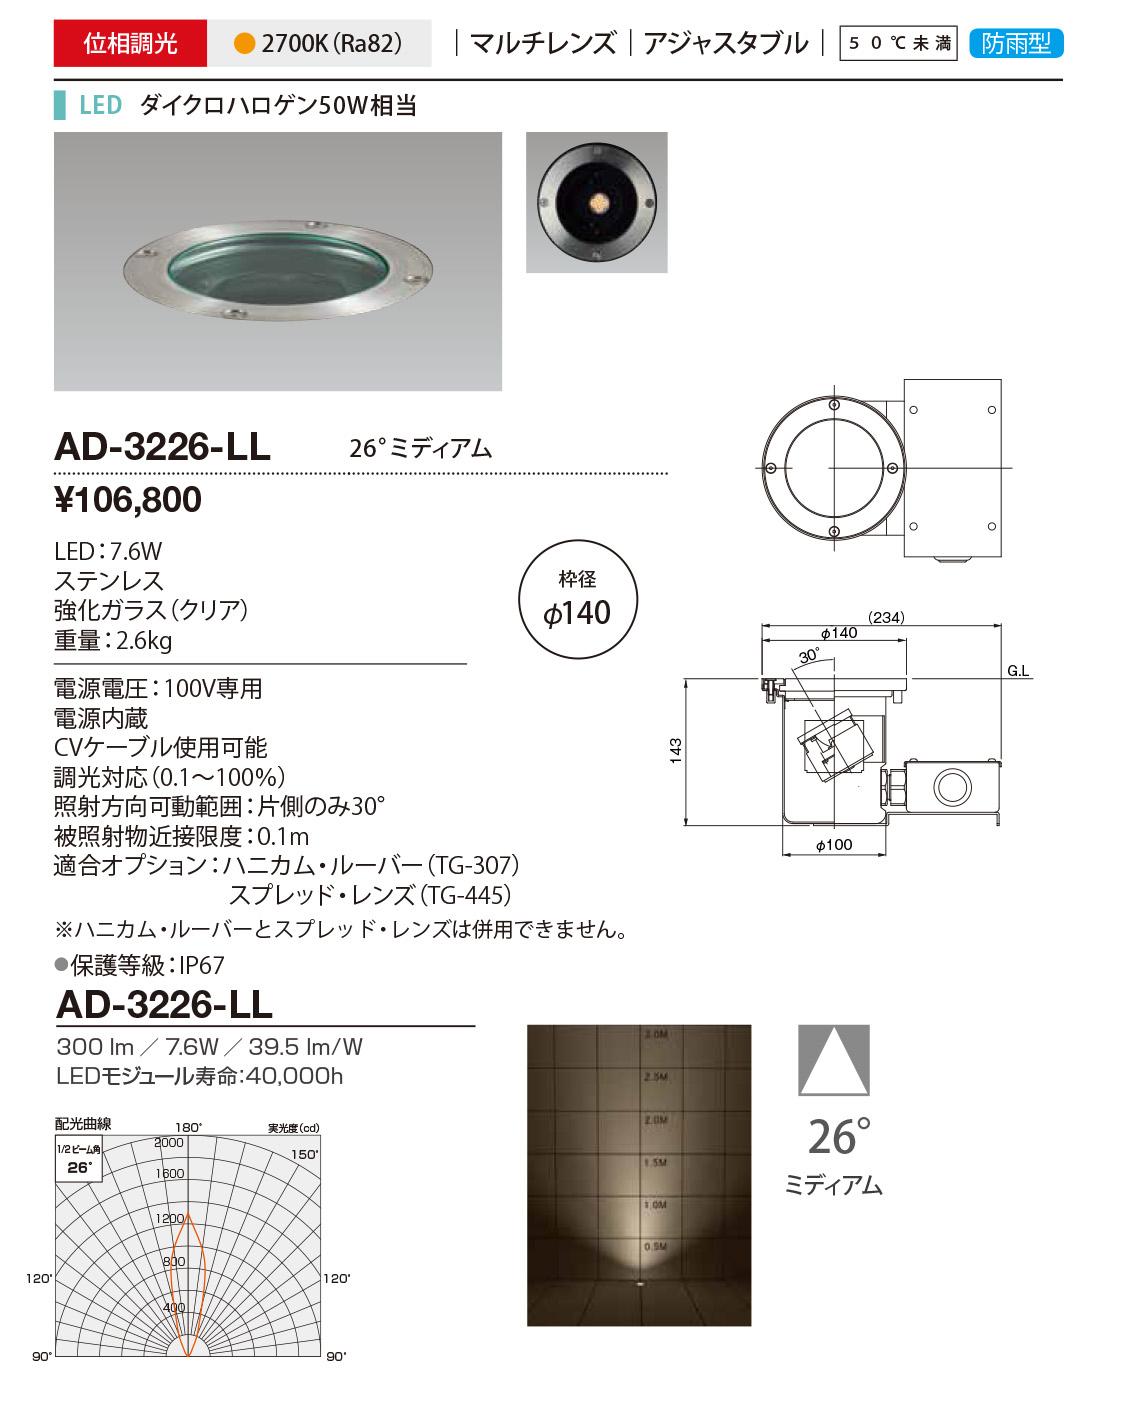 AD-3226-LL 山田照明 照明器具 エクステリア LED一体型バリードライト φ140 調光 マルチレンズ アジャスタブル 防雨型 ミディアム ダイクロハロゲン50W相当 電球色 AD-3226-LL